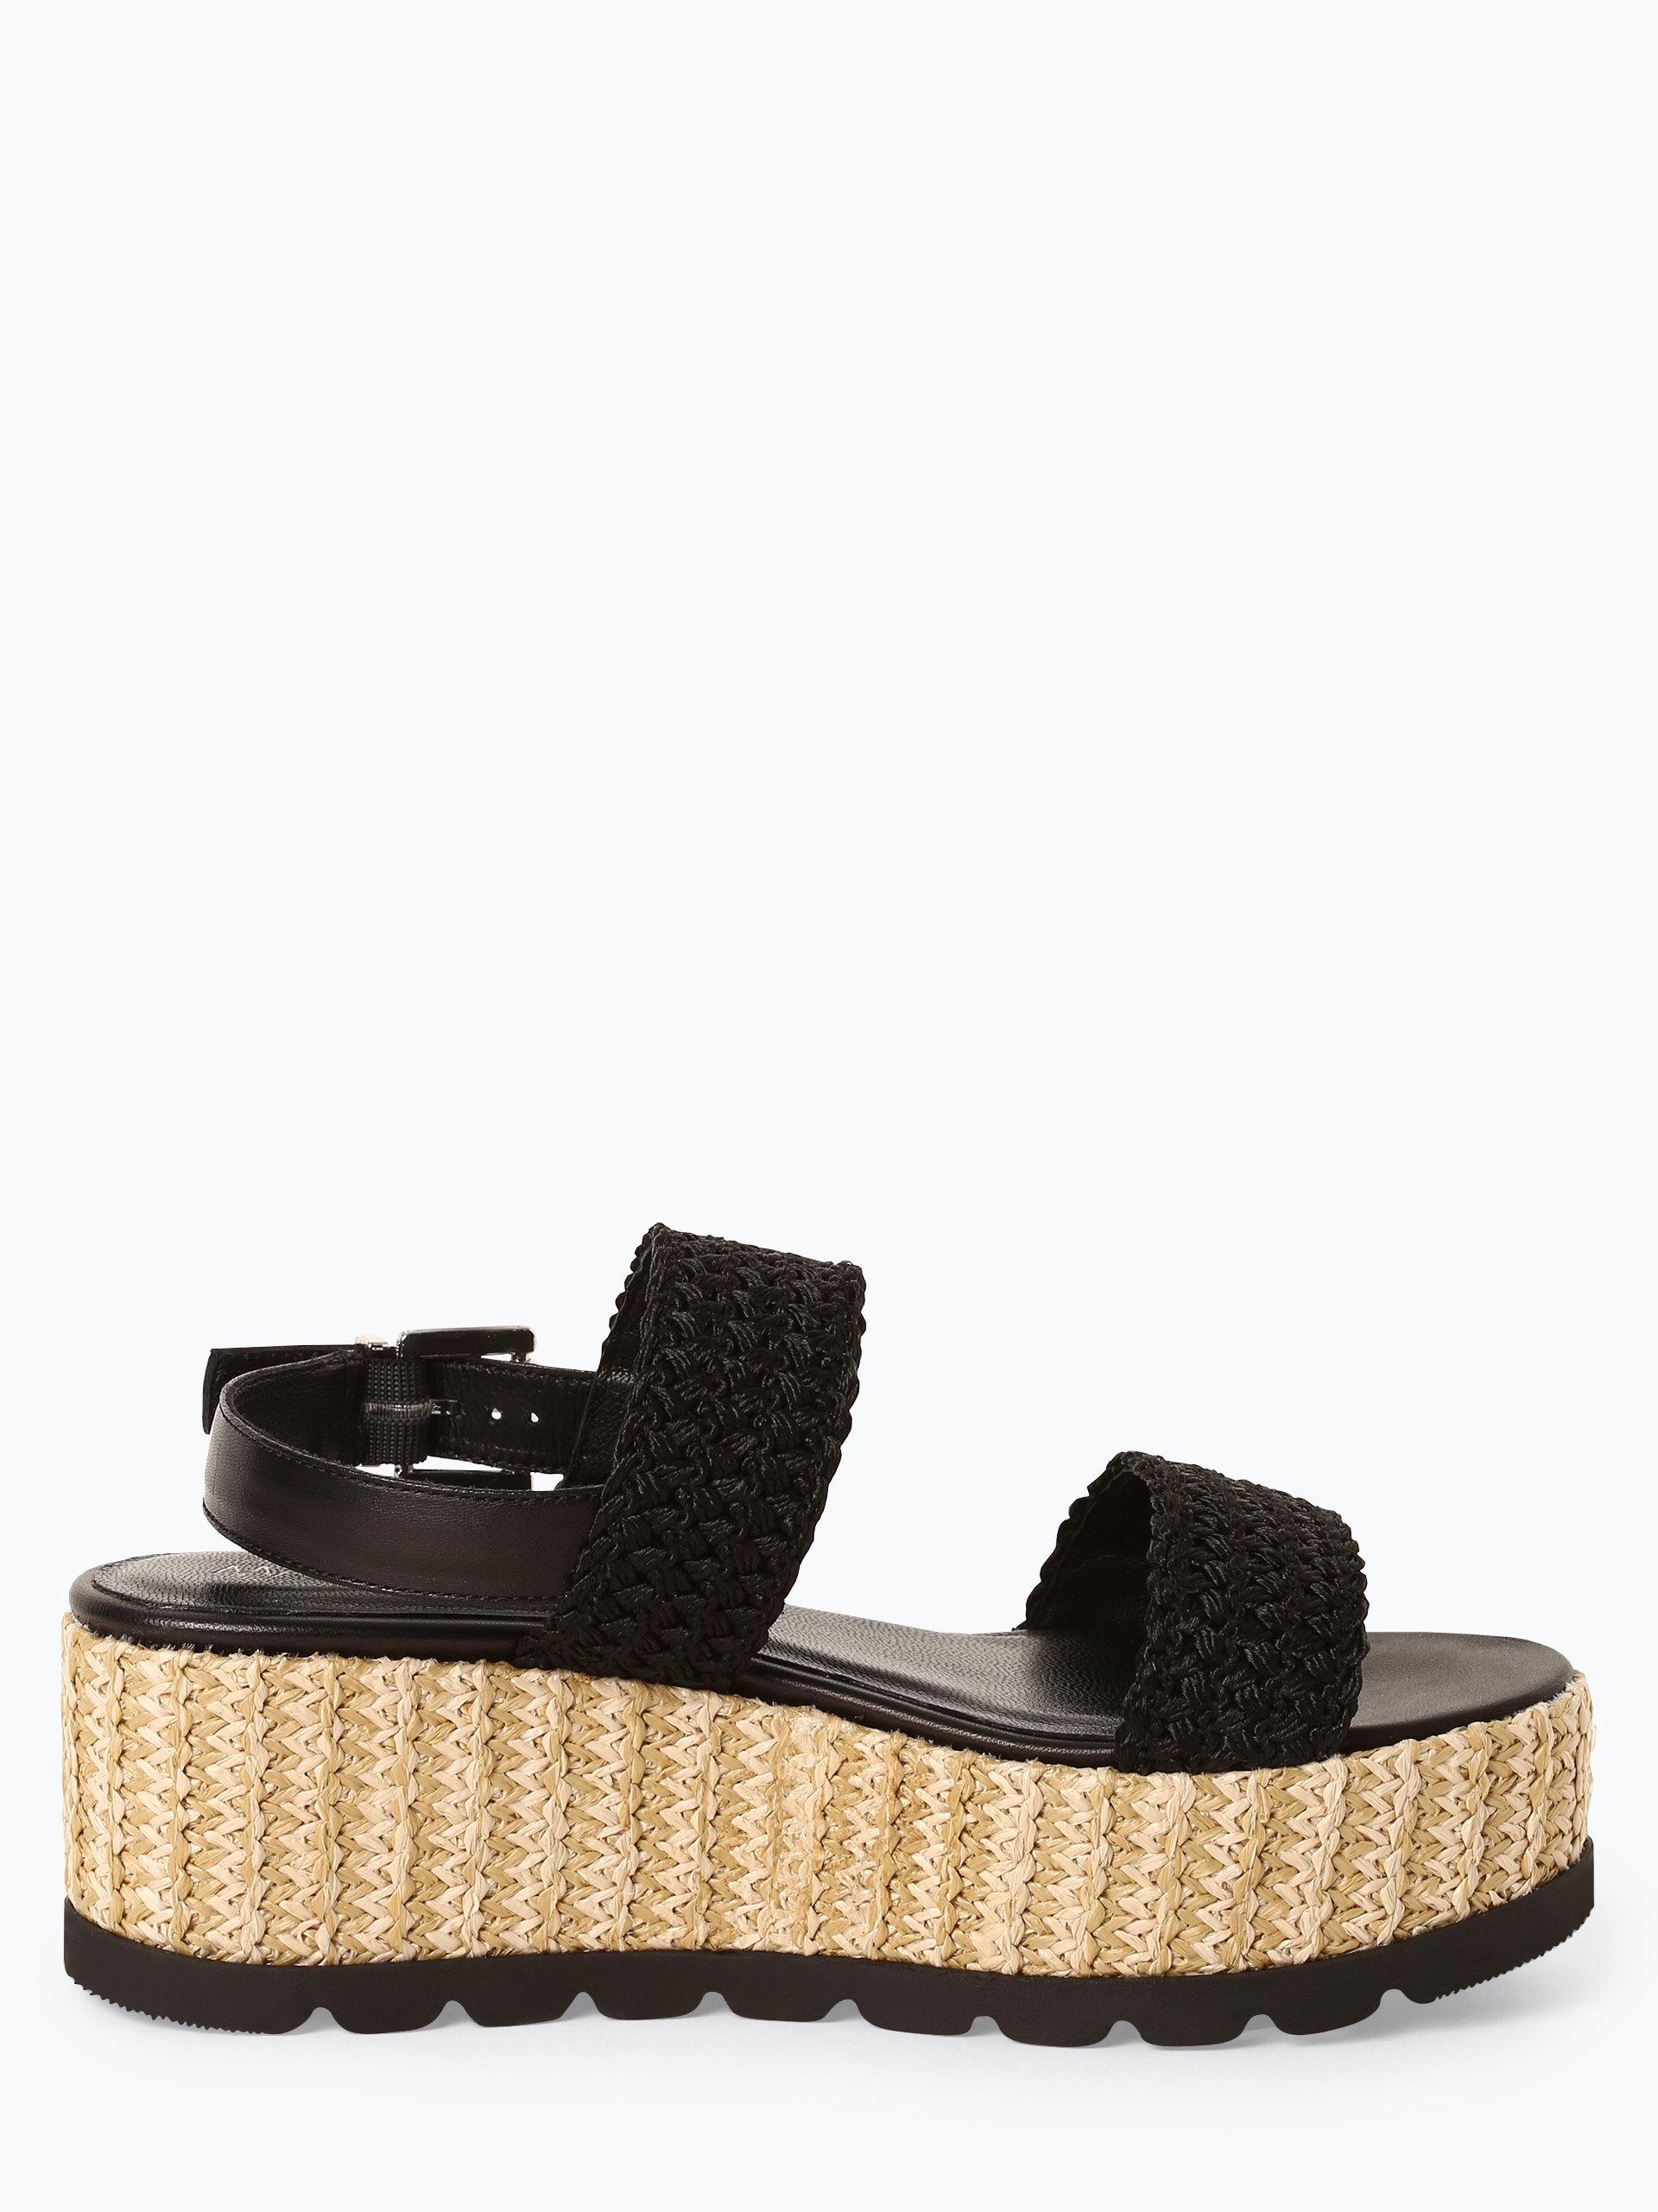 Marc Cain Bags & Shoes Damen Sandaletten